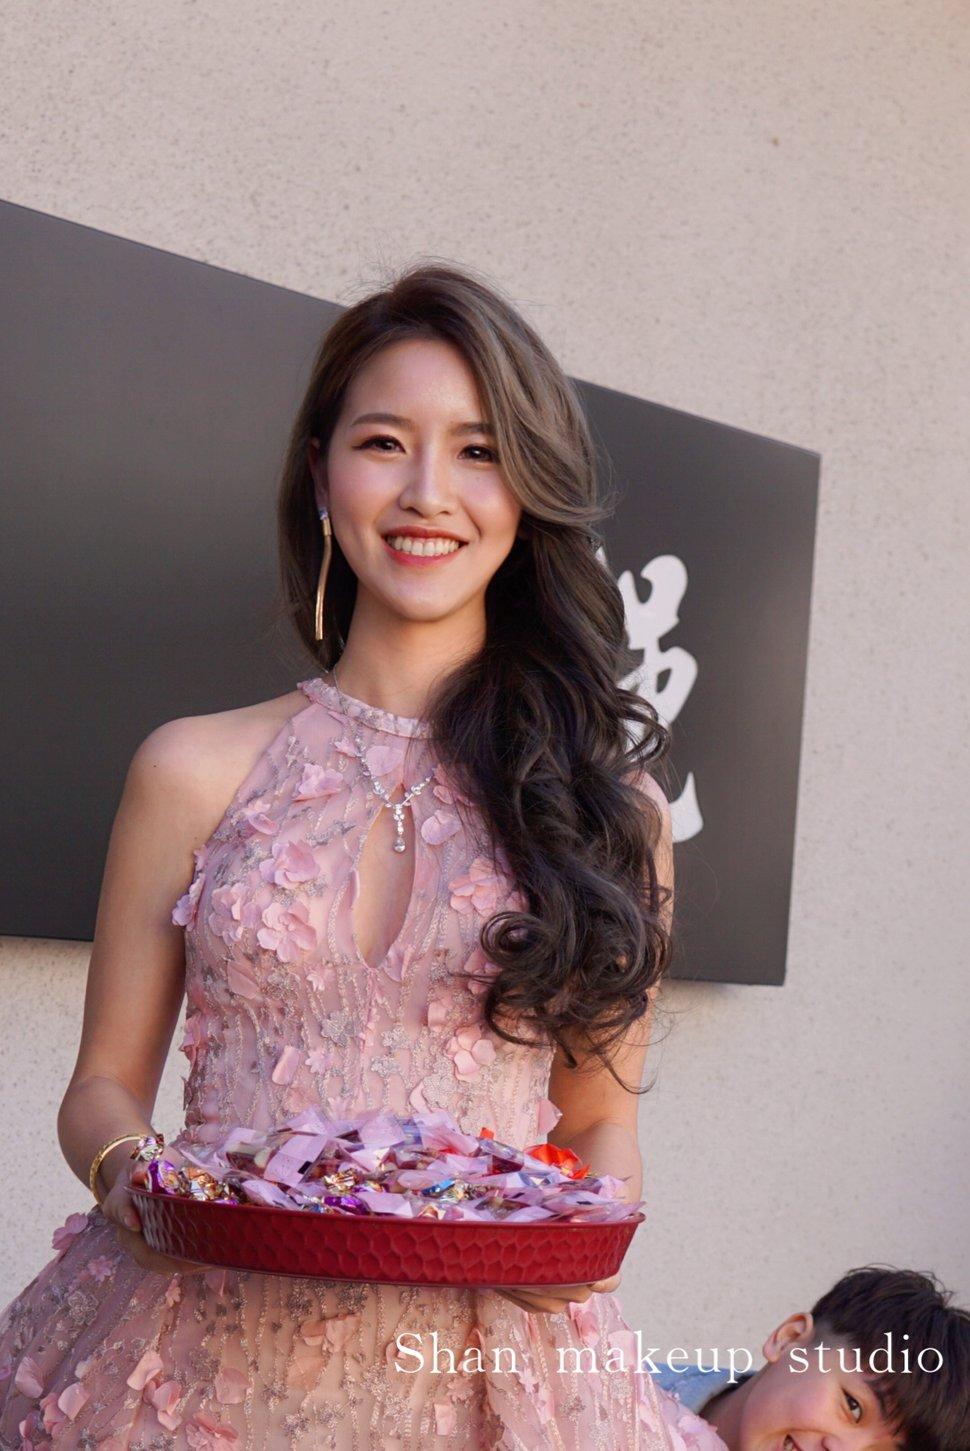 IMG_0896 - 湘翎Shan Makeup studio《結婚吧》